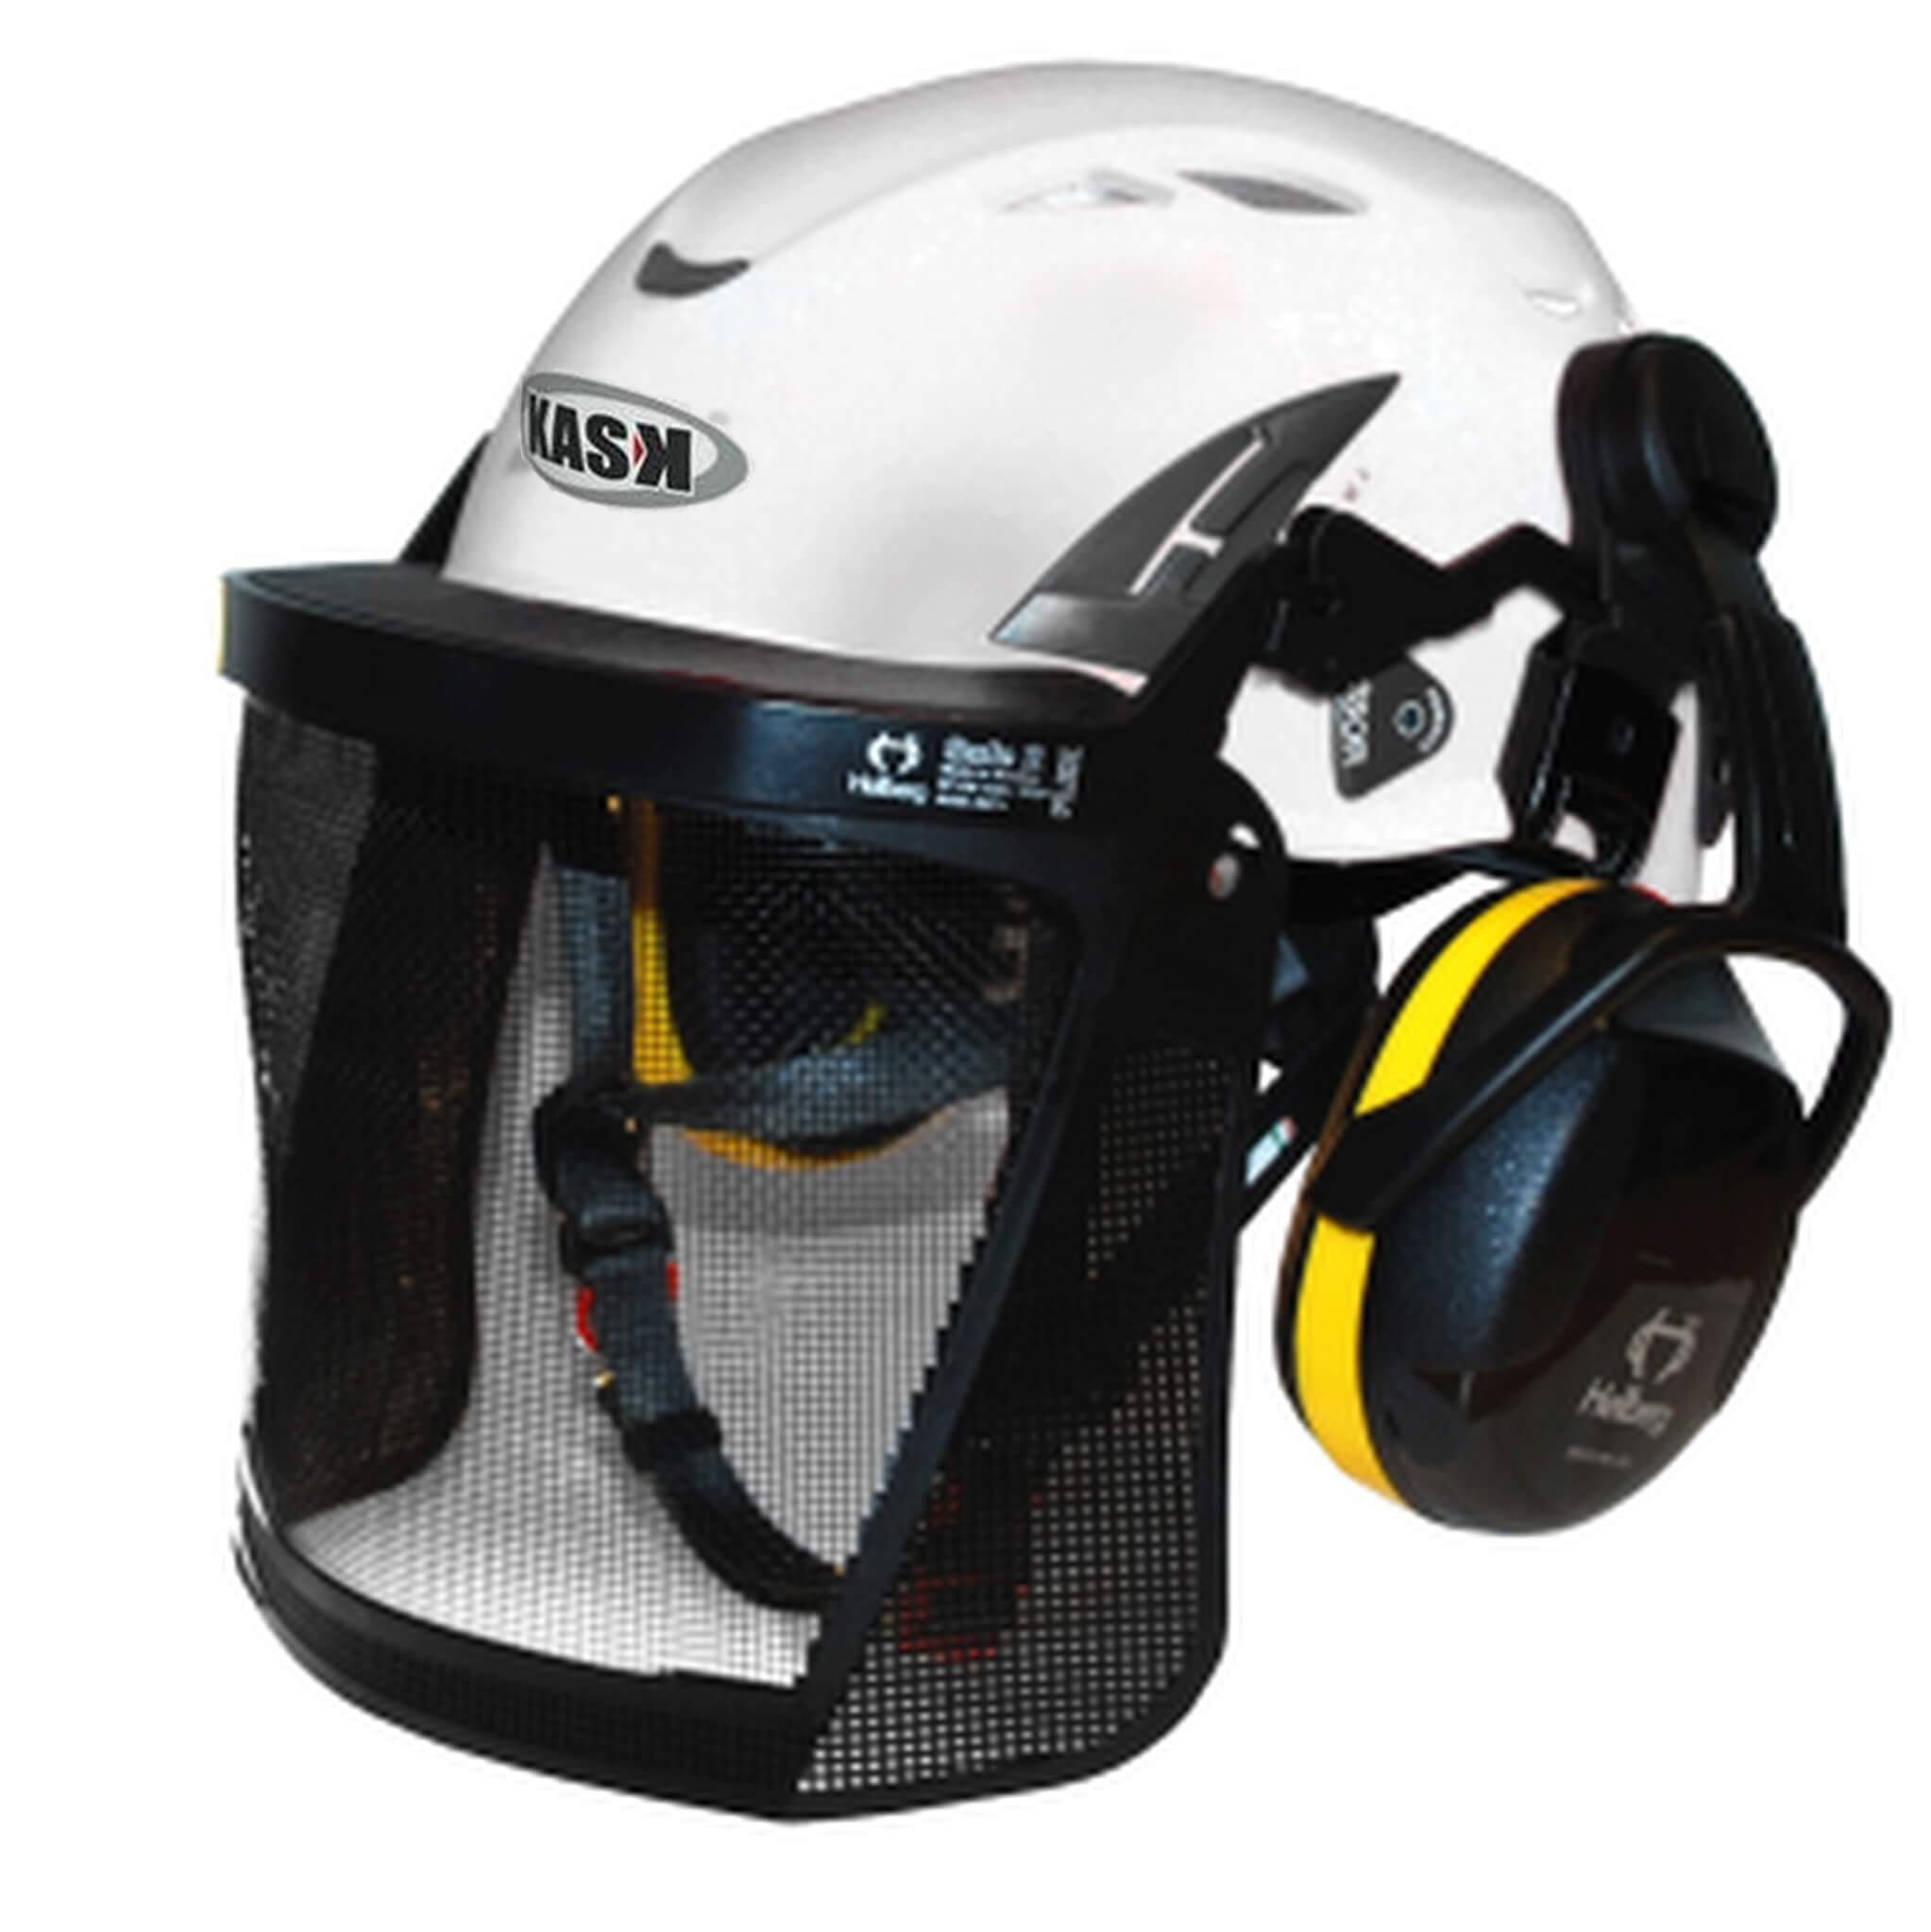 Kask Super Plasma Arborist Helmet White